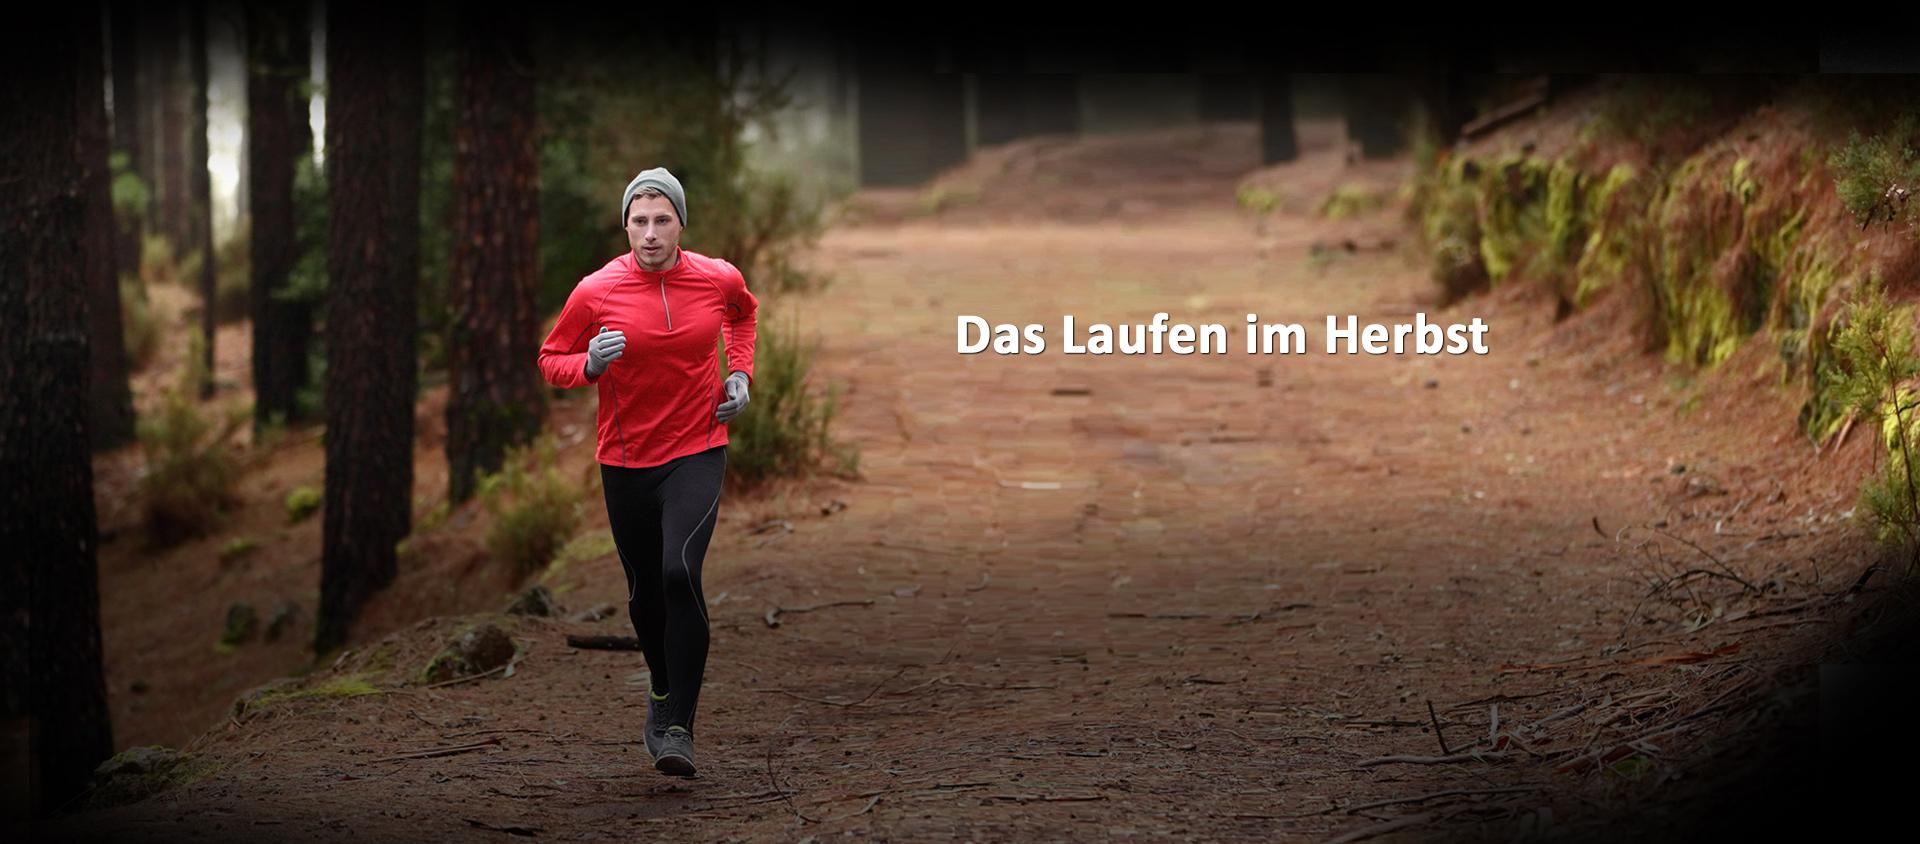 5 bewährte Tipps für das Laufen im Herbst